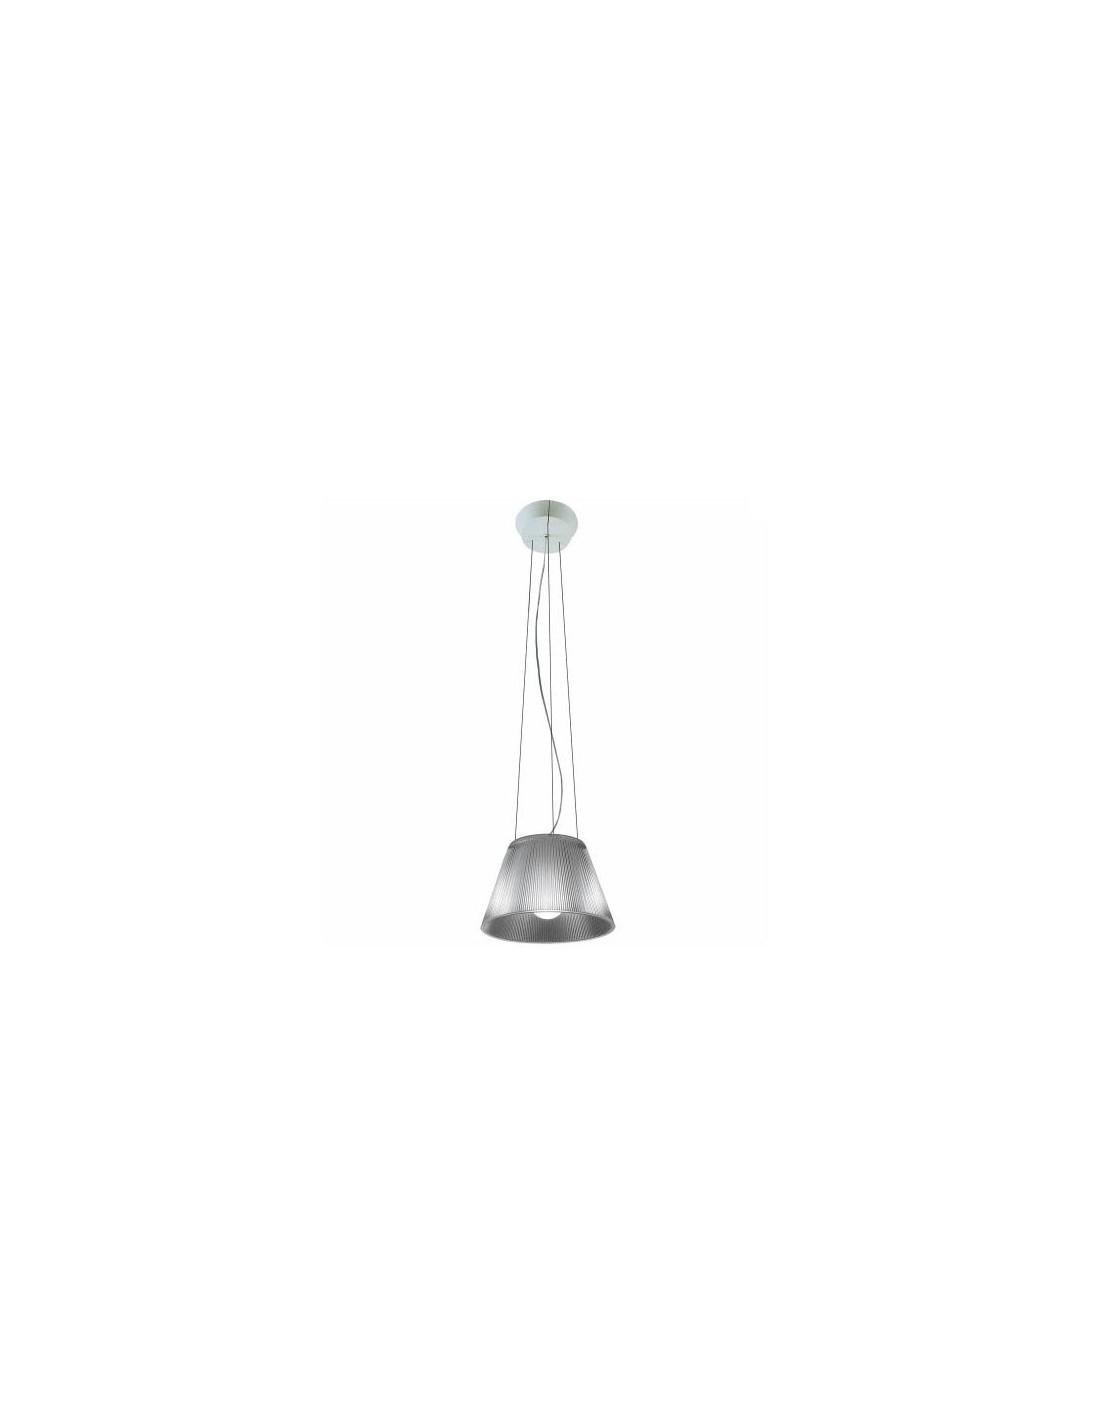 Suspension Romeo Moon S1 transparent par Philippe Starck pour la marque flos chez Valente Design